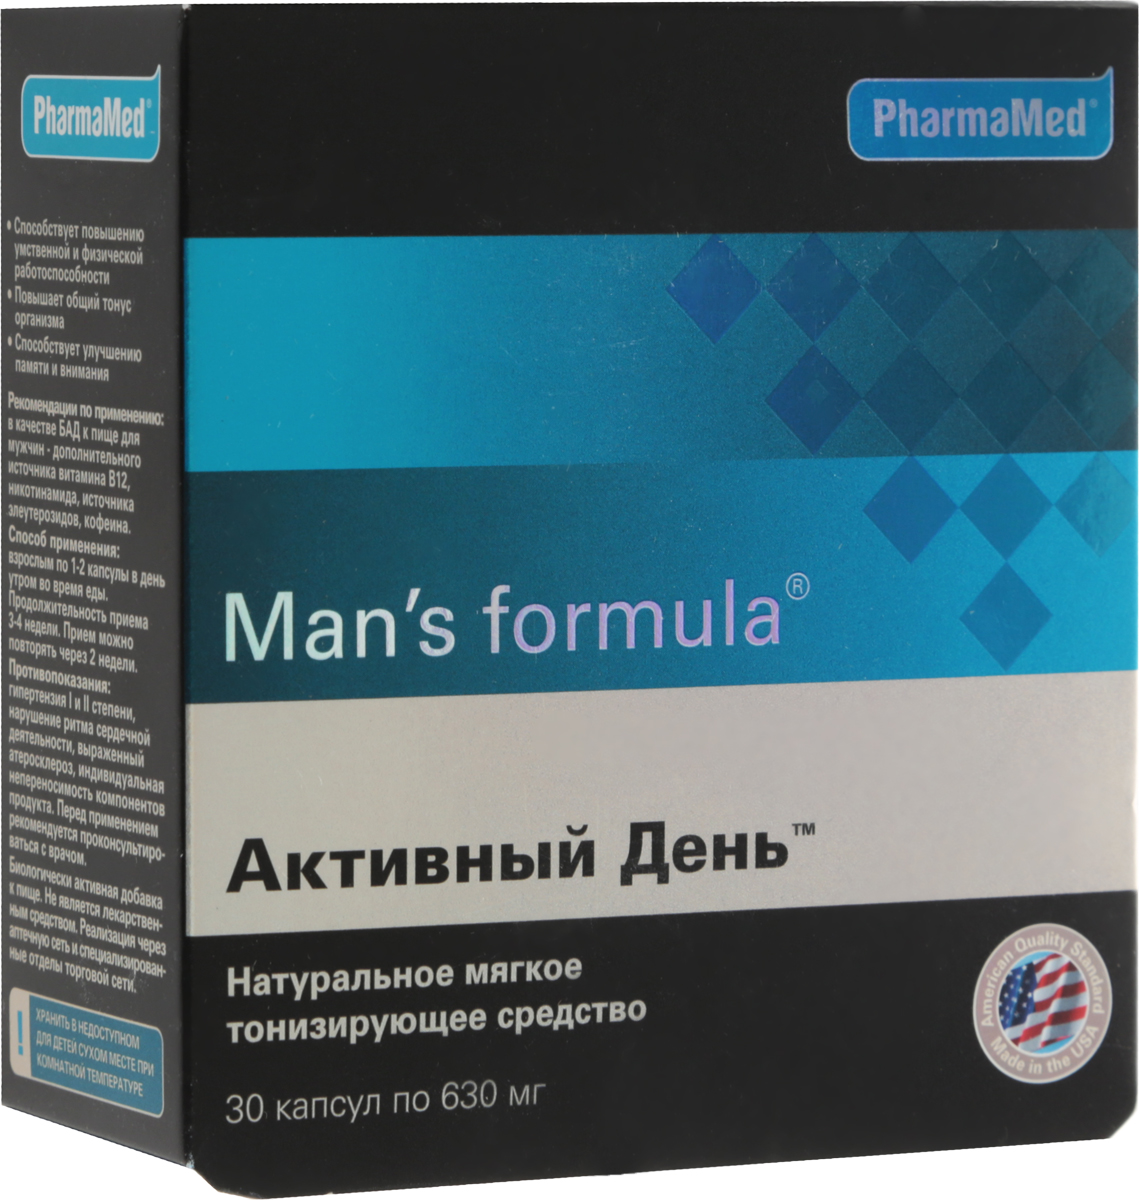 Биокомплекс Mans formula Активный день, 630 мг х 30 капсул217481Комплекс Mans formula Активный день специально разработан для полноценного активного дня современного мужчины, для эффективной работы с полной самоотдачей и без ущерба для здоровья. В состав комплекса Mans formula Активный день входят 10 натуральных экстрактов для энергетической поддержки головного мозга, а так же витамины, необходимые для укрепления нервных волокон. Действие комплекса Активный день начинается быстро, что позволяет незамедлительно включиться в активный поток делового дня. Витамины для повышения работоспособности Mans formula Активный день будут поддерживать вас в течении всего трудового дня, помогая анализировать стремительно меняющуюся ситуацию и быстро принимать правильные решения!Товар сертифицирован.